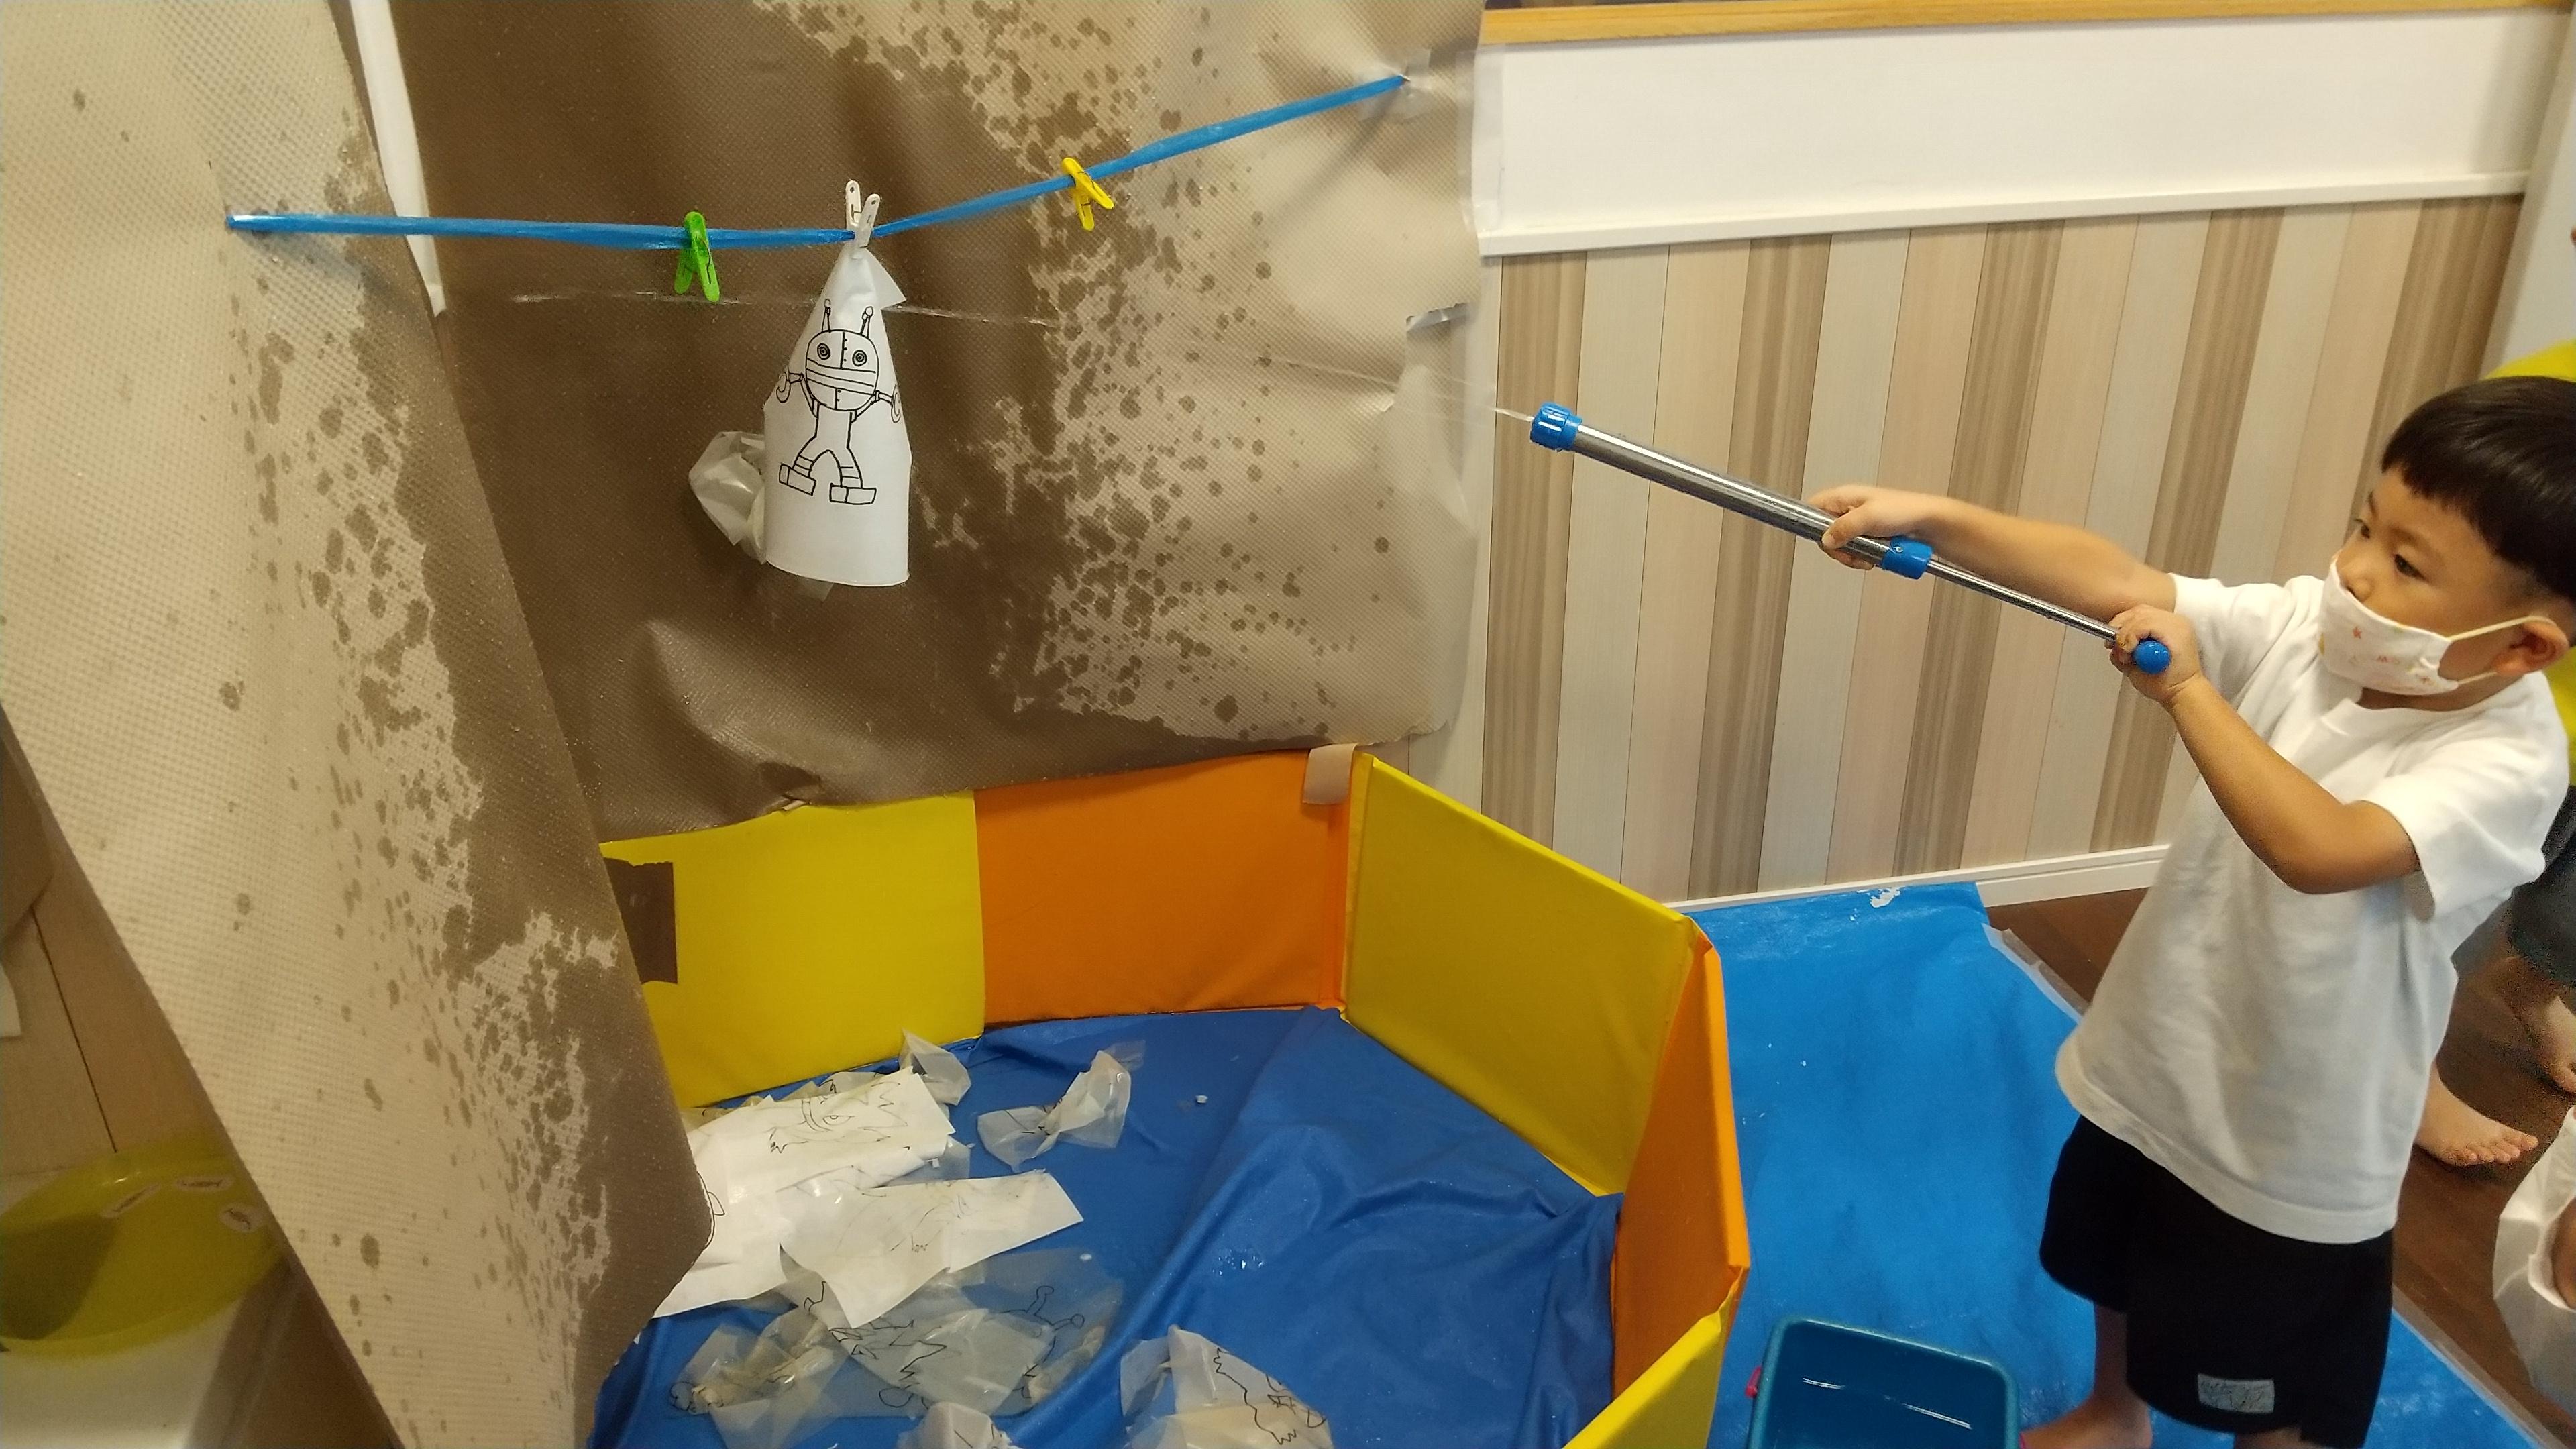 水鉄砲で遊ぶ子ども